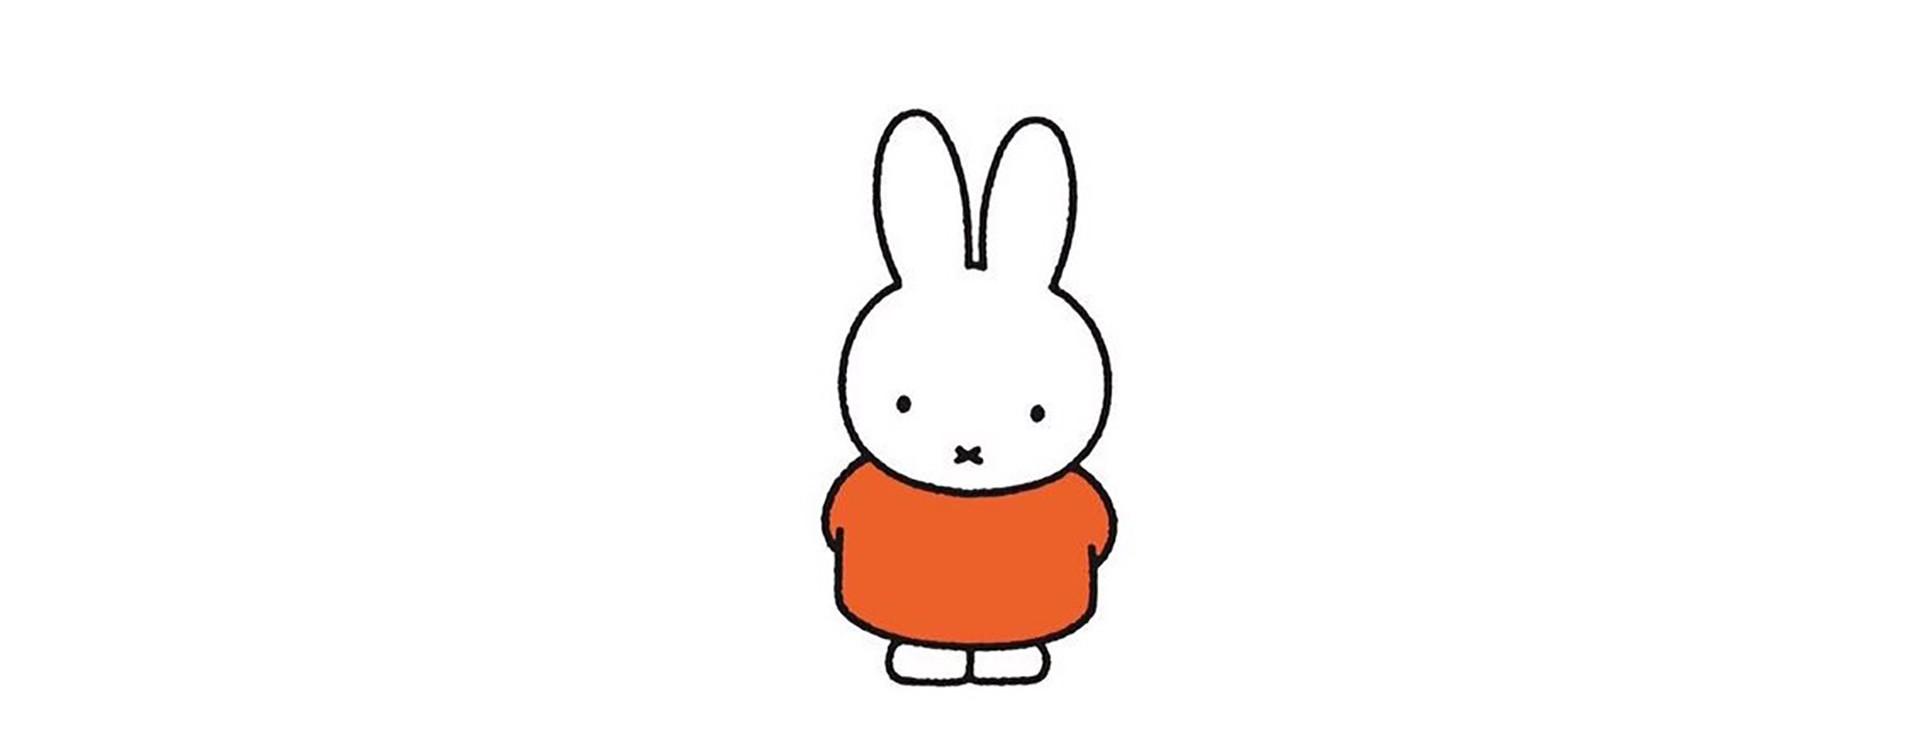 Miffy - ein Hasenmädchen erobert seit vielen Jahren Kinderherzen